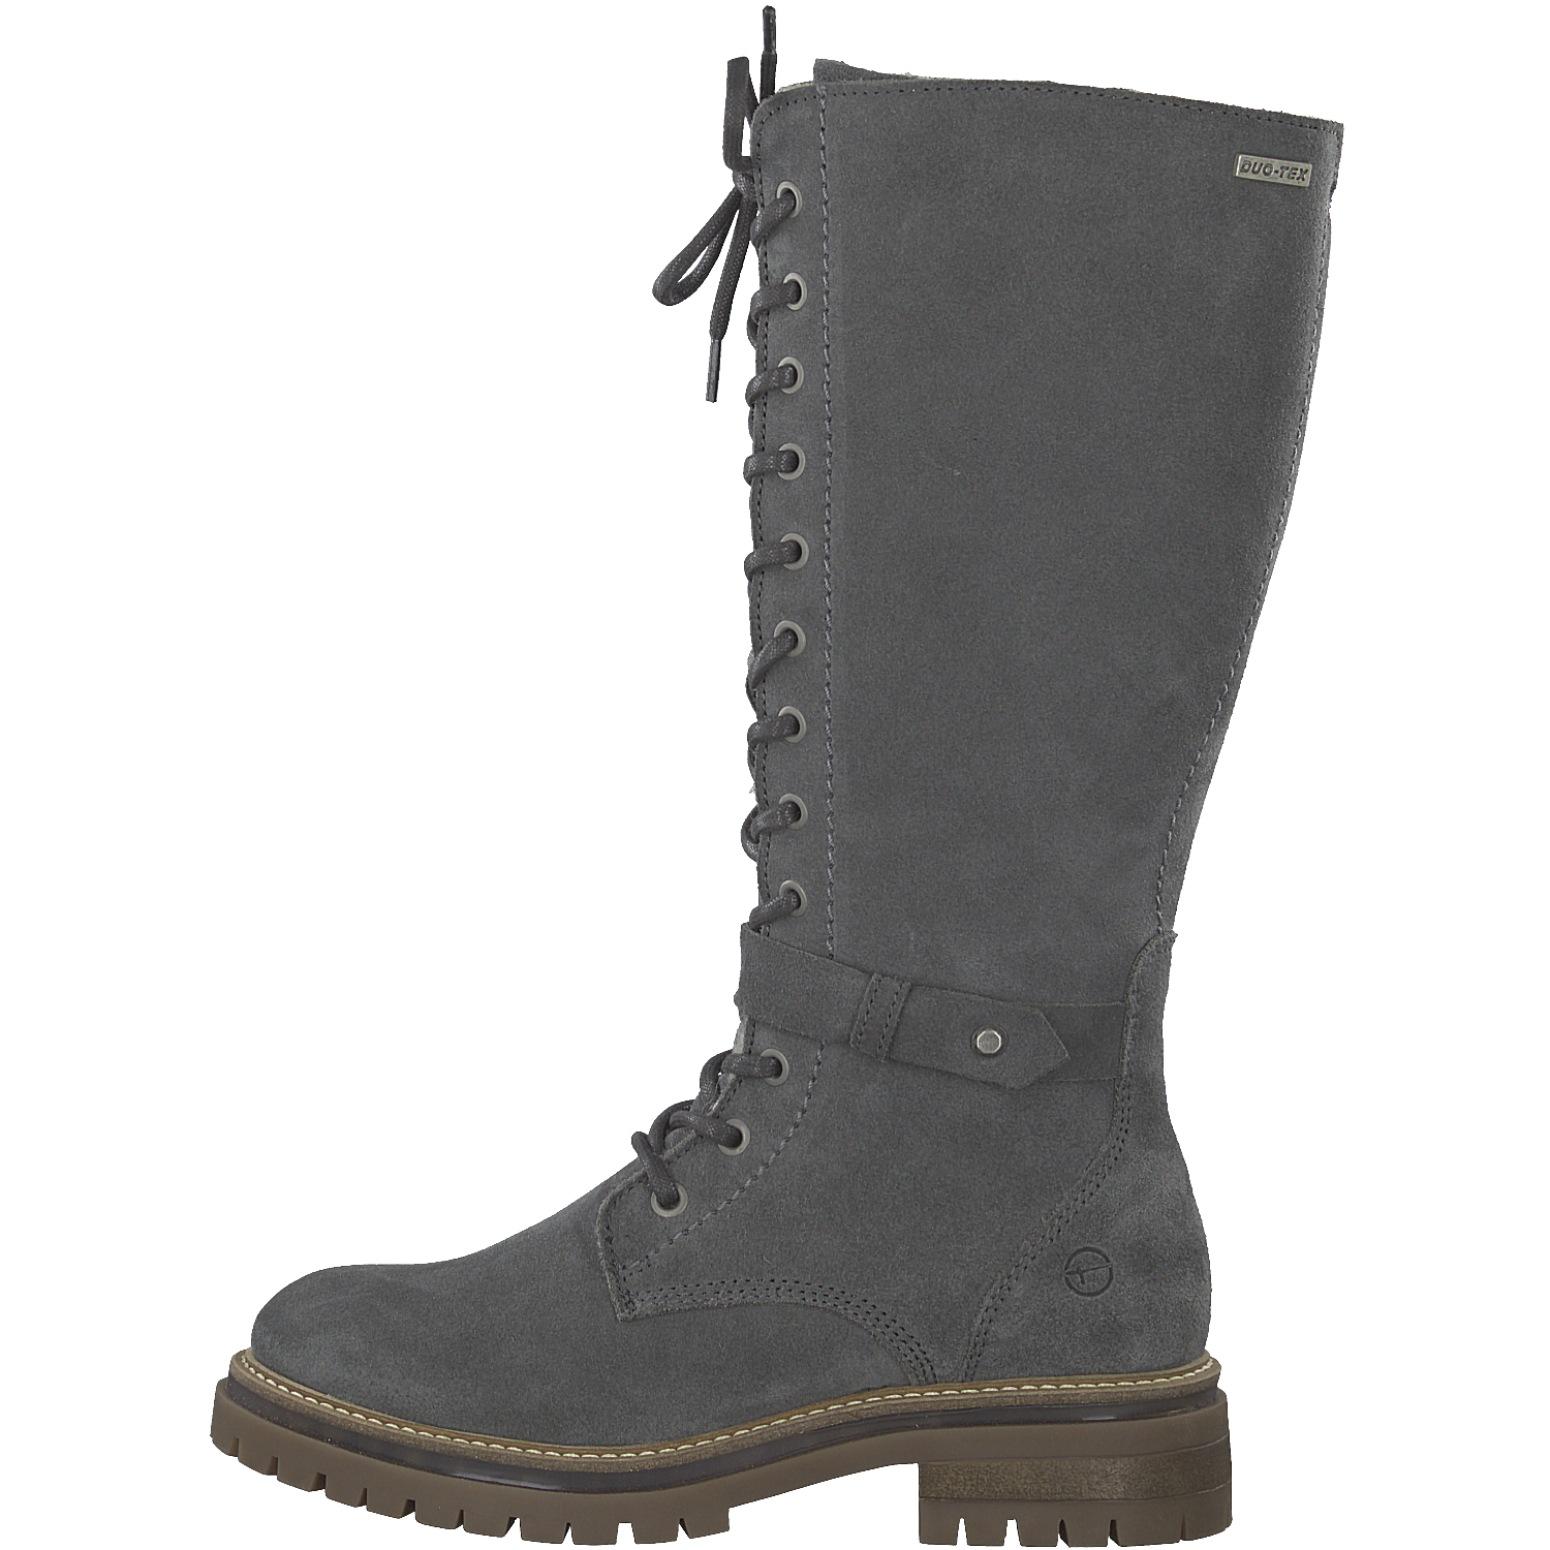 548ed21e9e61b Tamaris Damen Stiefel 1-26661-21-206 graphite grau